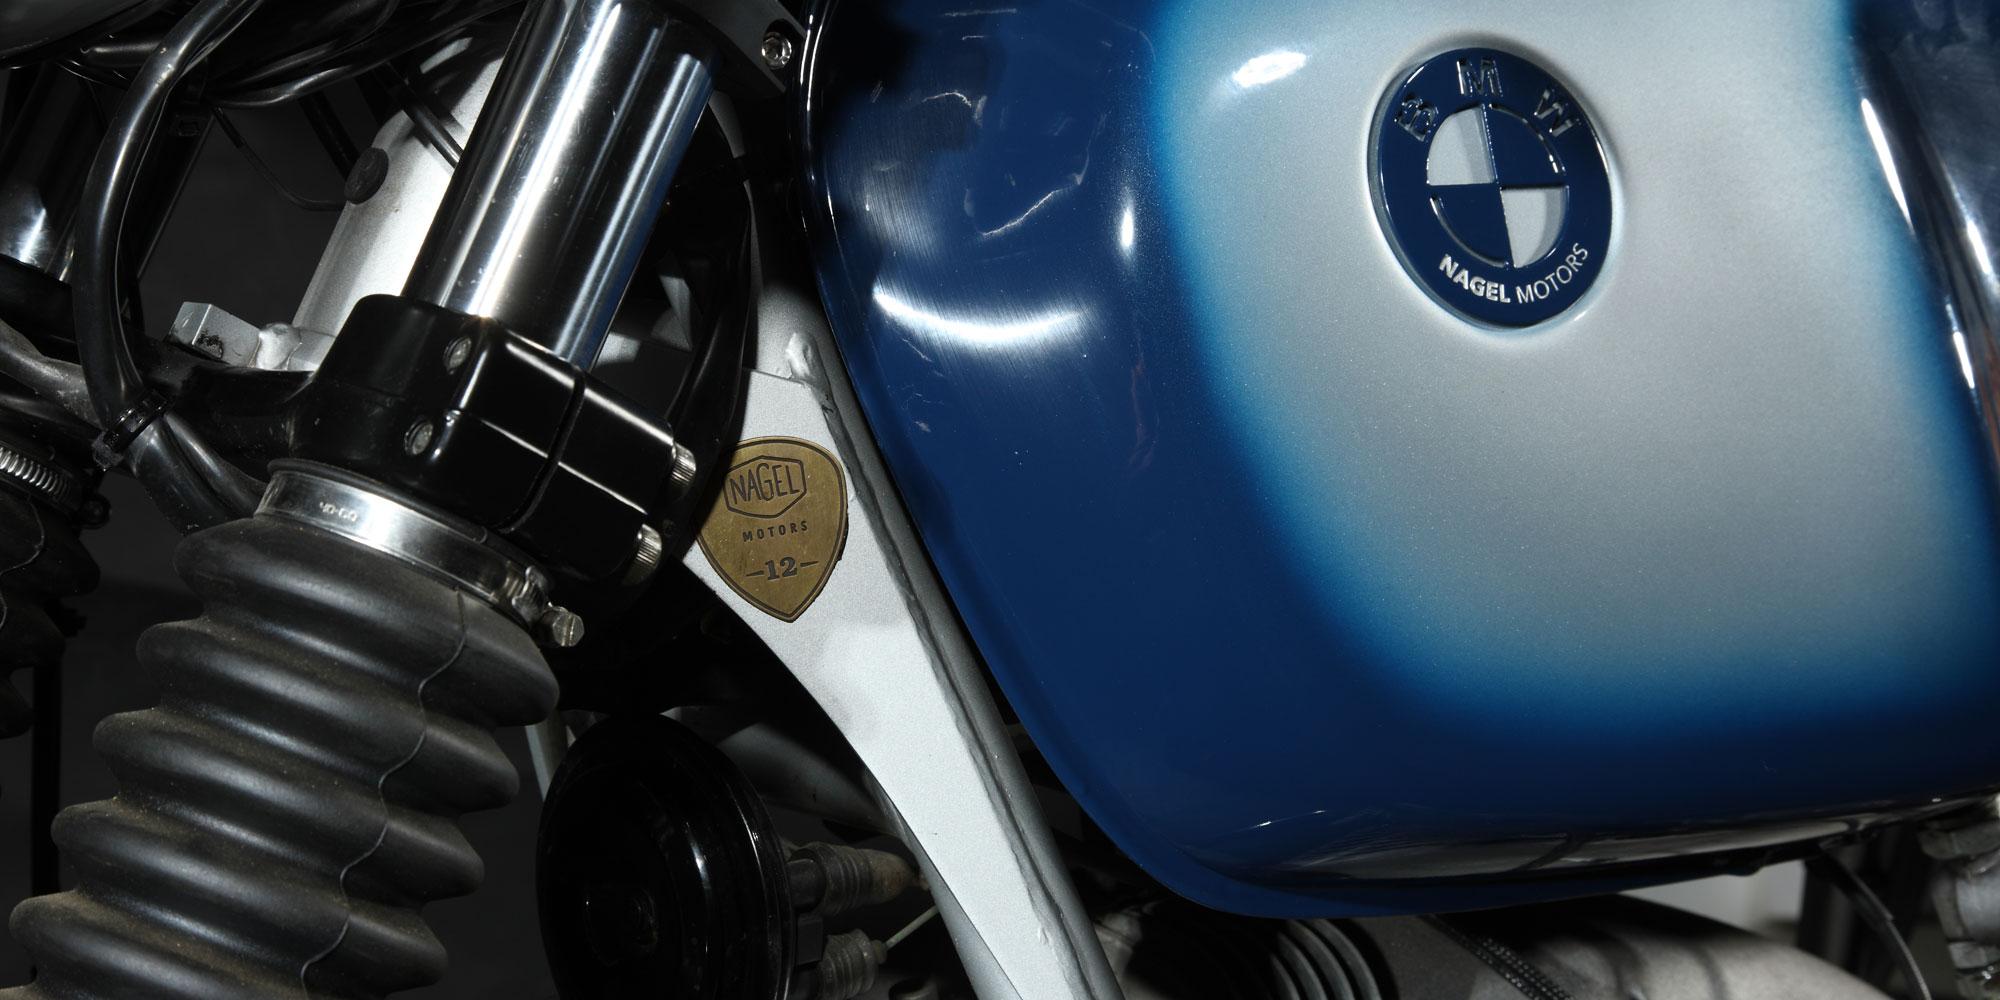 BMW R100 R Mystic